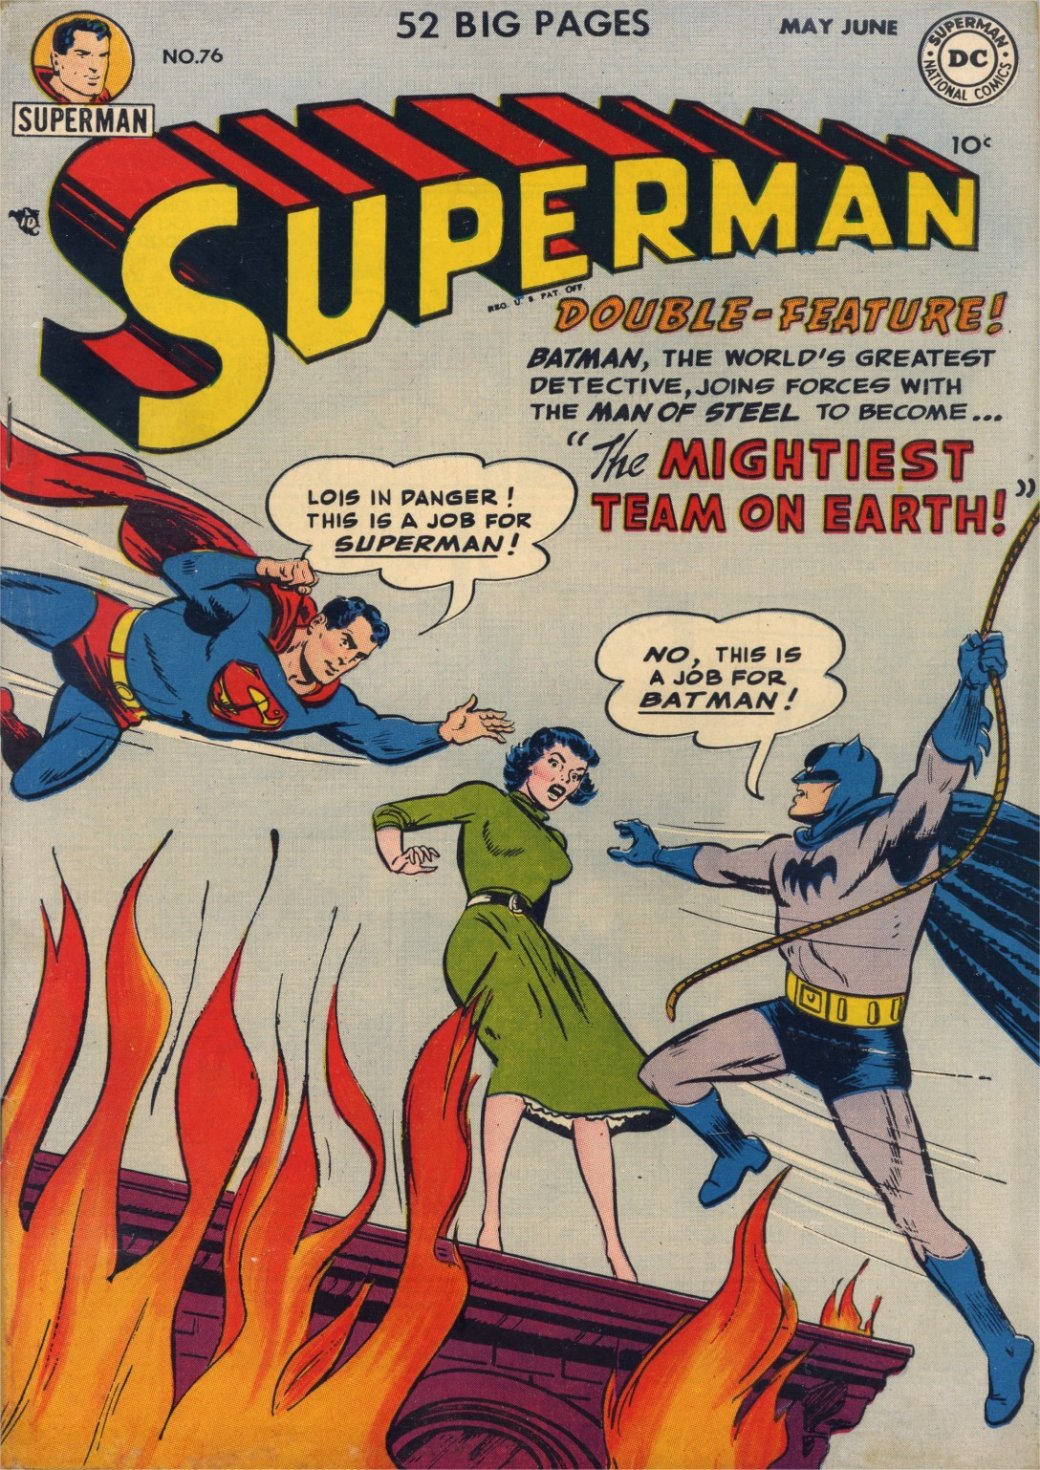 История Супермена иэволюция его образа вкомиксах   Канобу - Изображение 9399